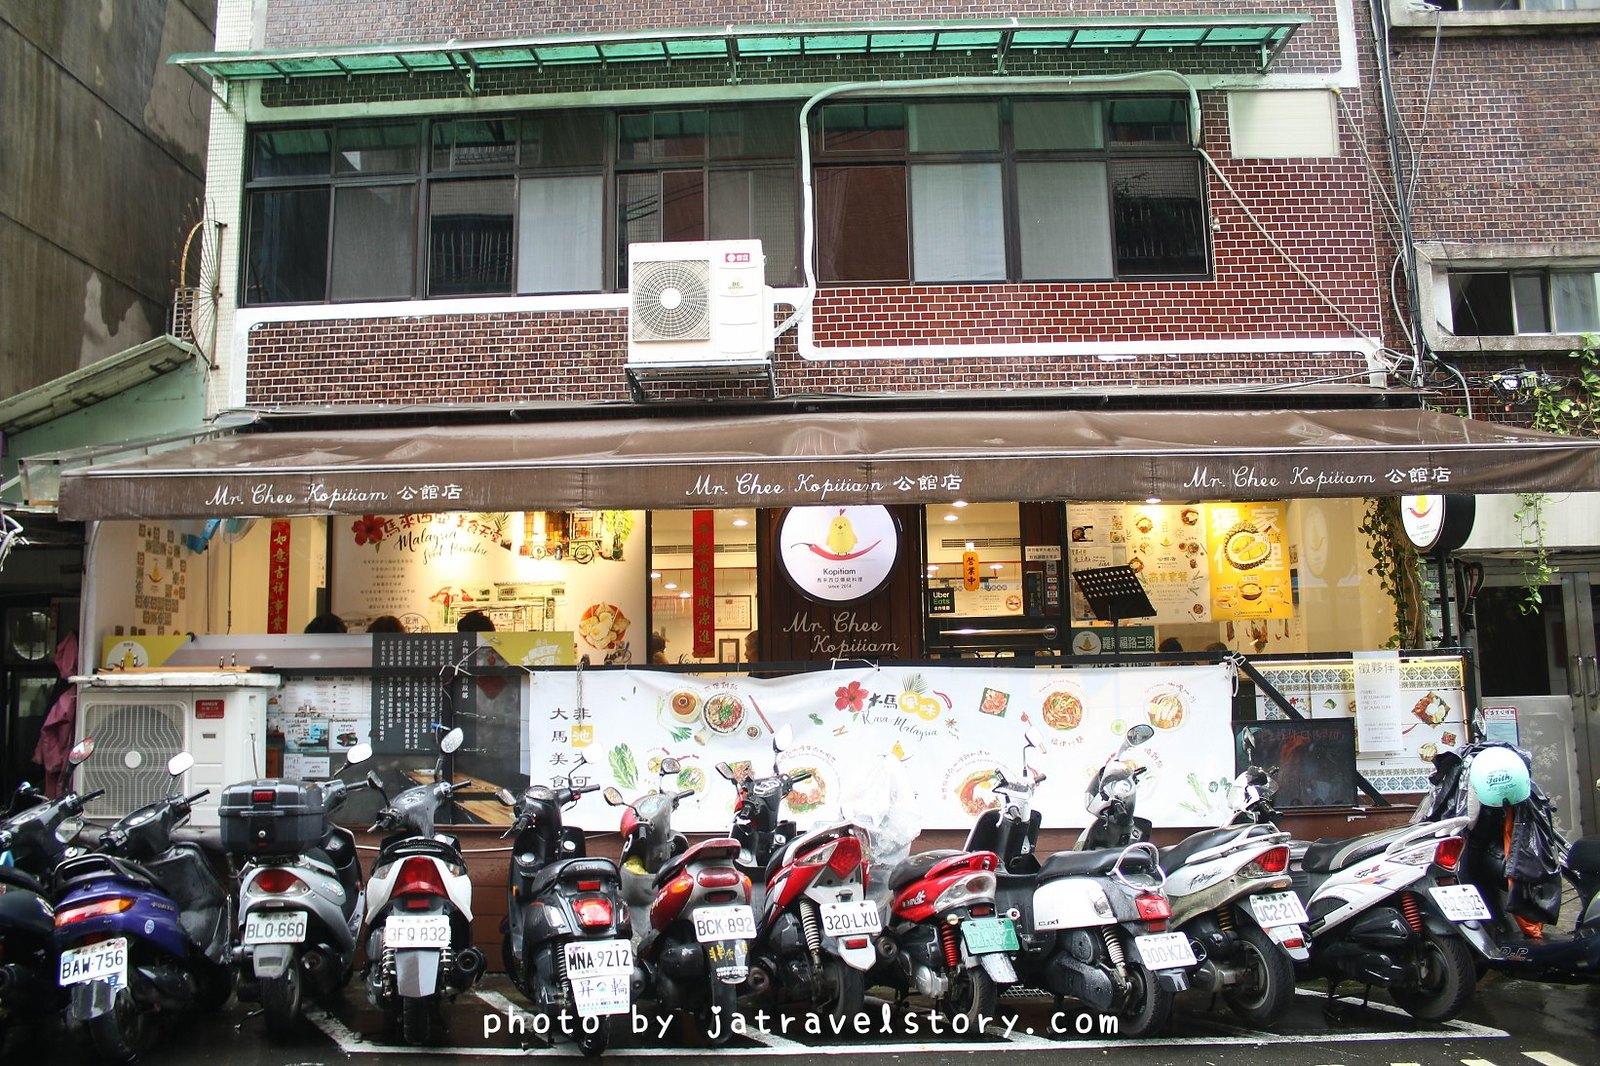 池先生 Kopitiam馬來西亞料理 檳城蝦麵香氣濃厚,參芭蝦超夠味!【捷運公館】公館美食/台大美食 @J&A的旅行